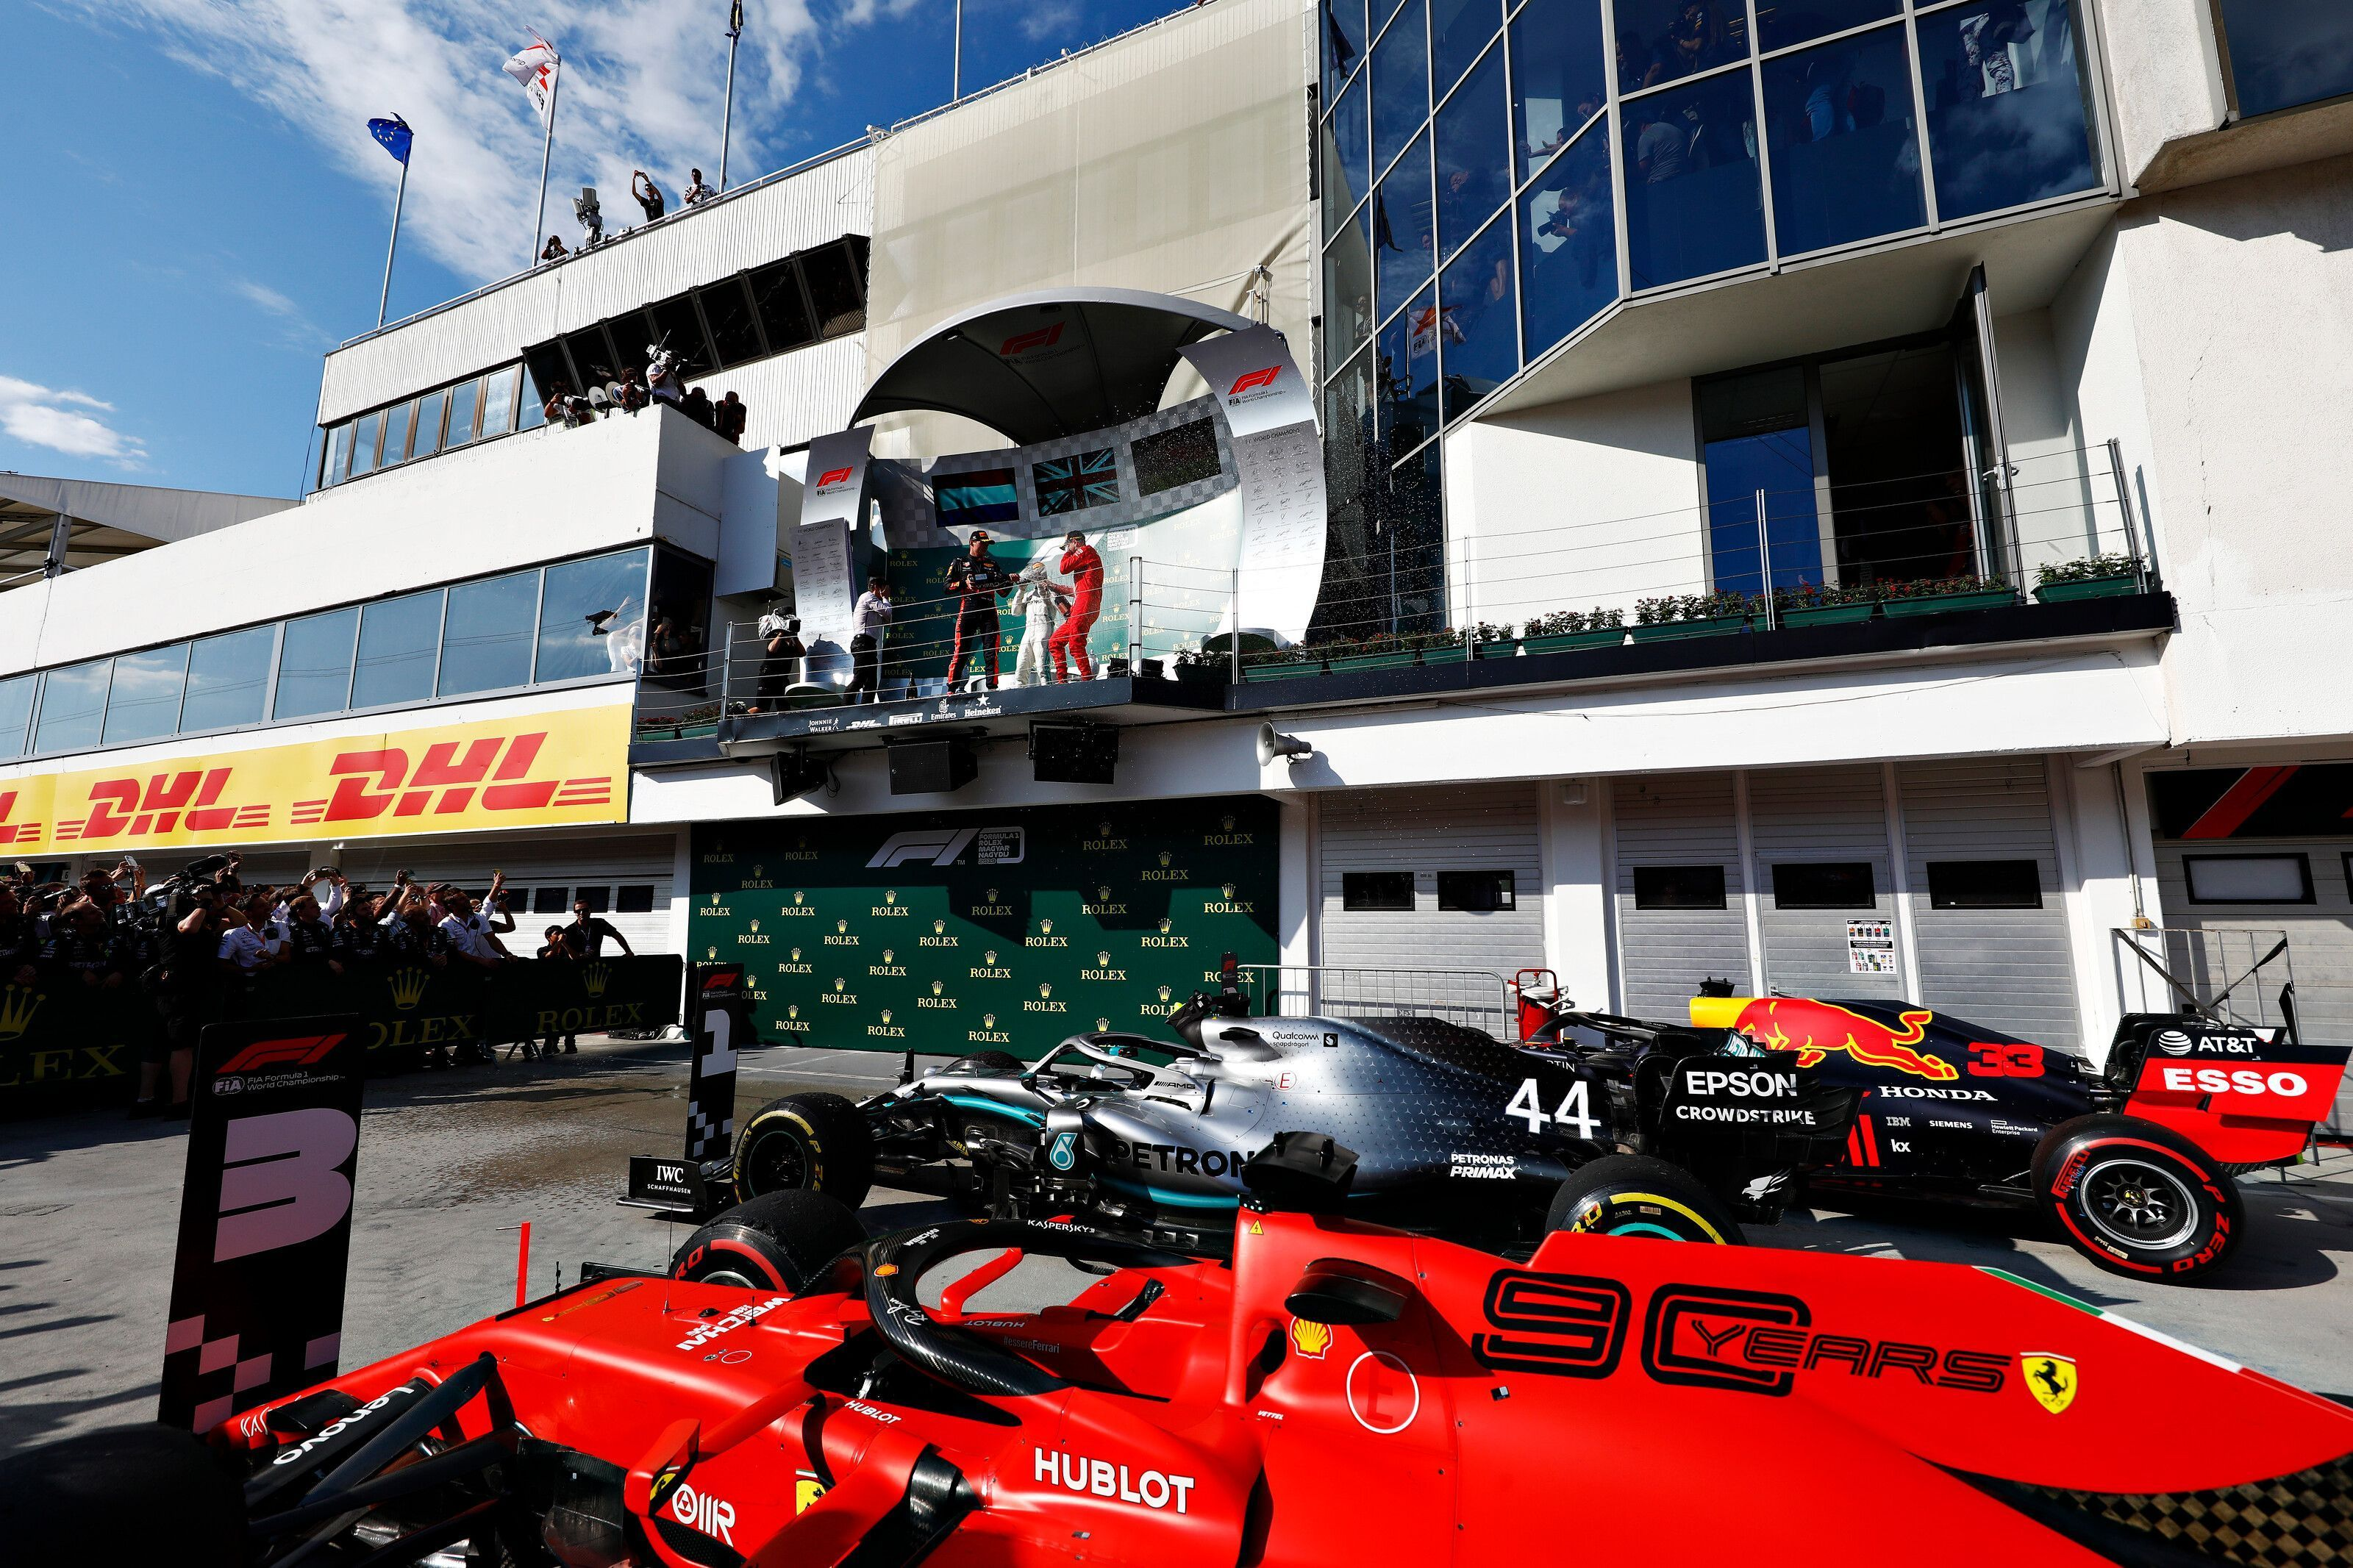 Max Verstappen, Sebastian Vettel, Lewis Hamilton